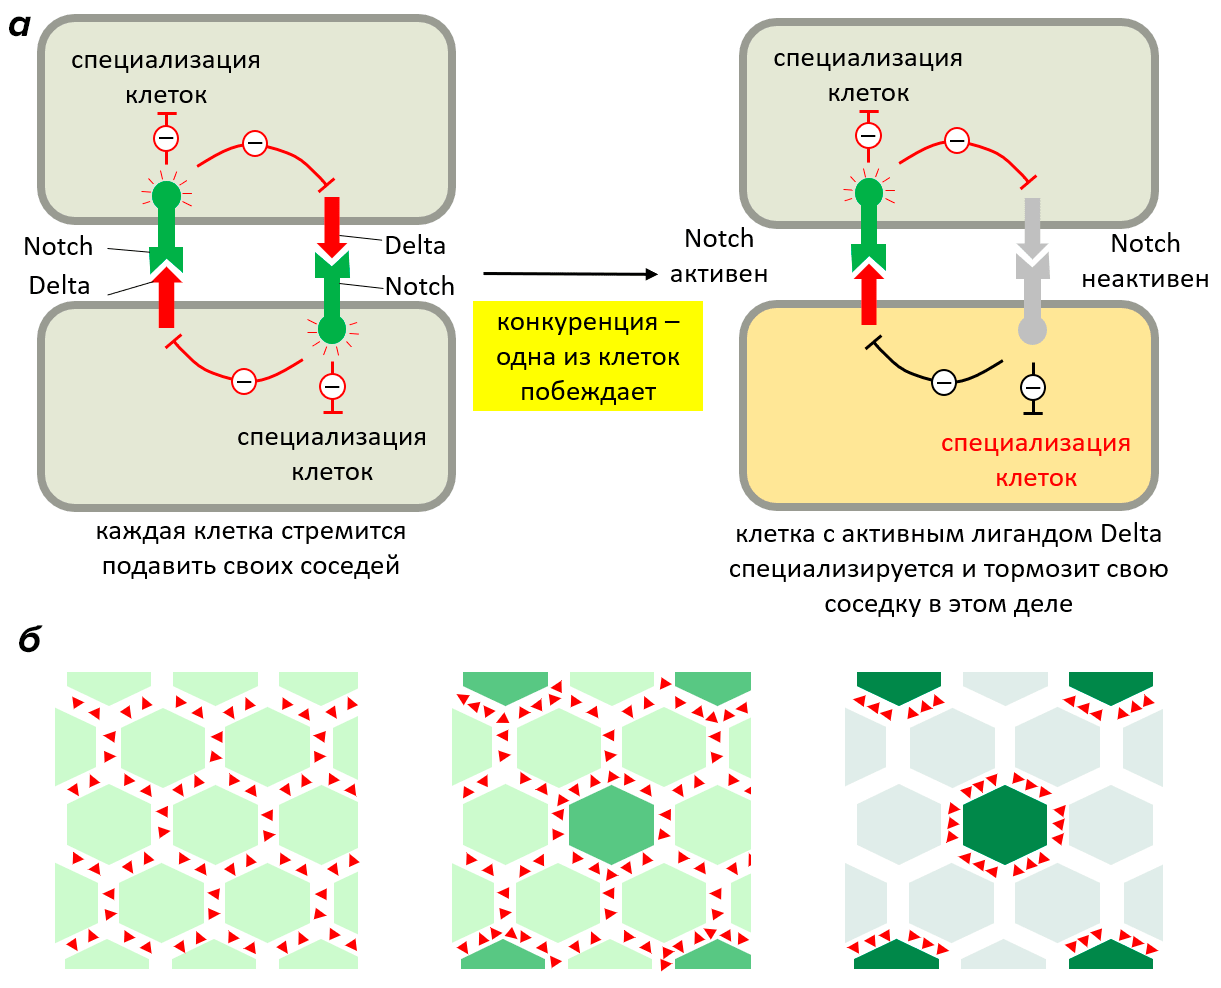 Механизм конкурентного ингибирования соседствующих клеток